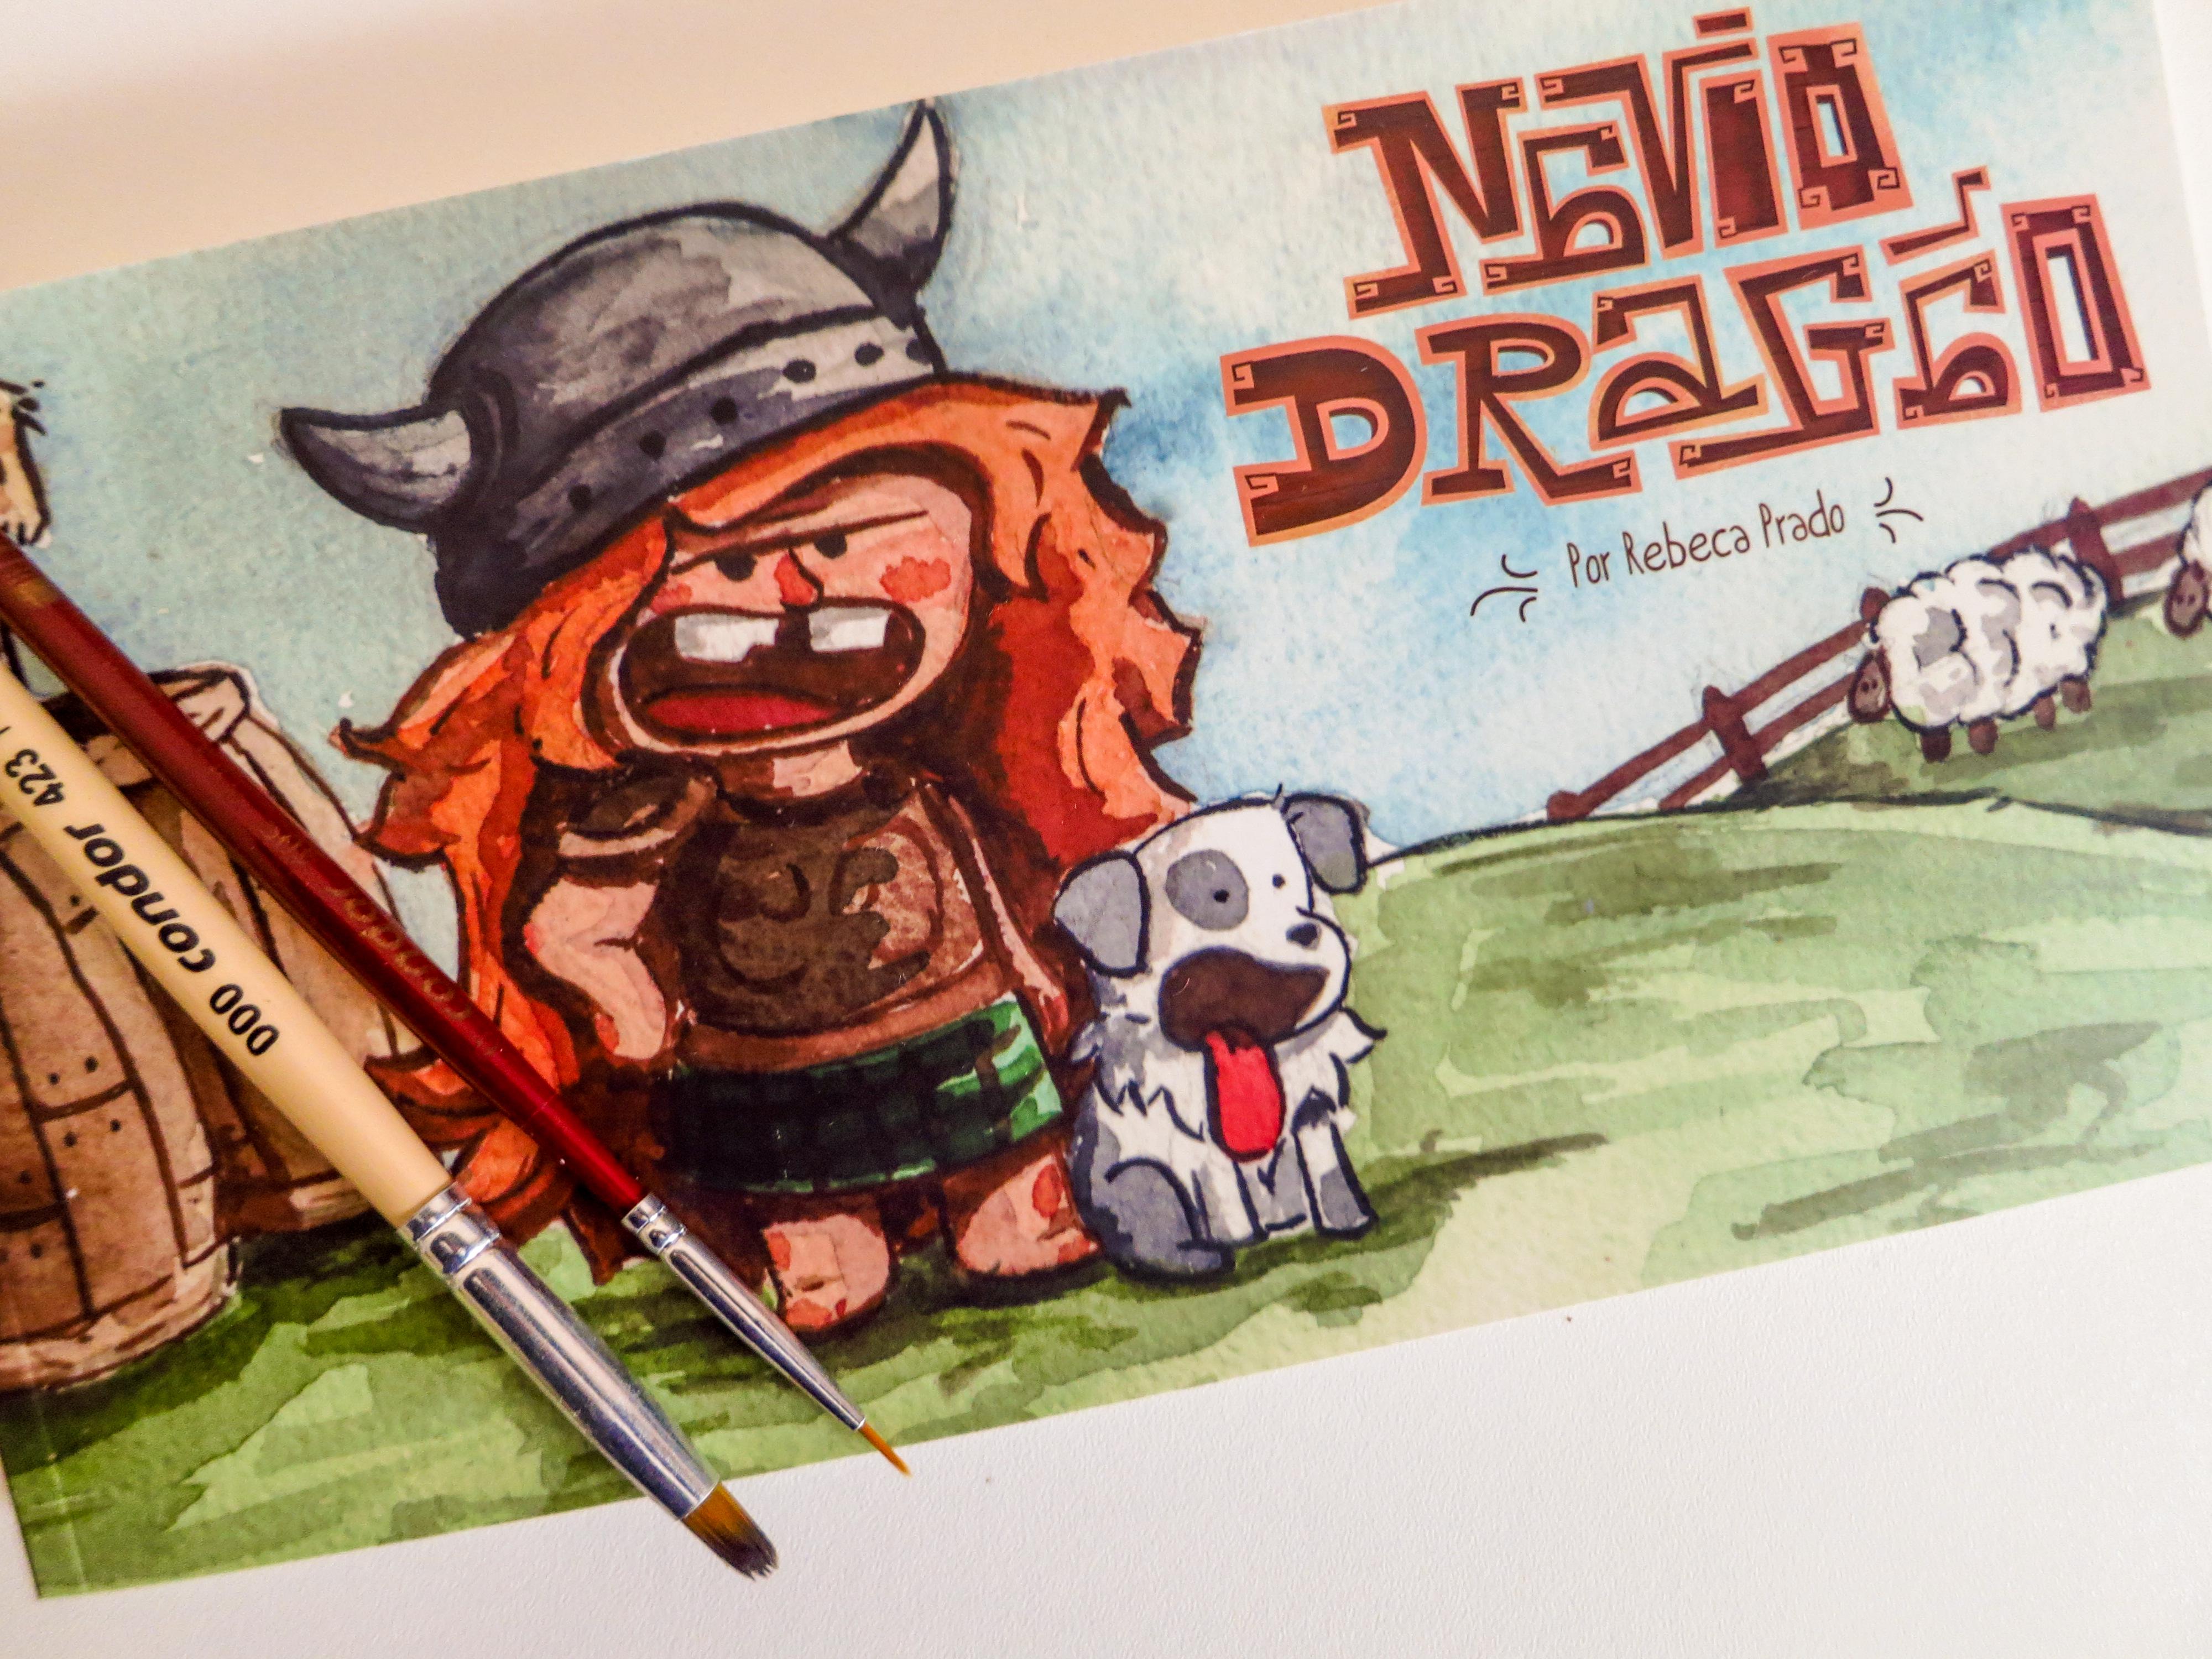 """[QUADRINHOS] """"Navio Dragão"""", a mal humorada viking Lif e seu sanguinário cão Carne, de Rebeca Prado"""